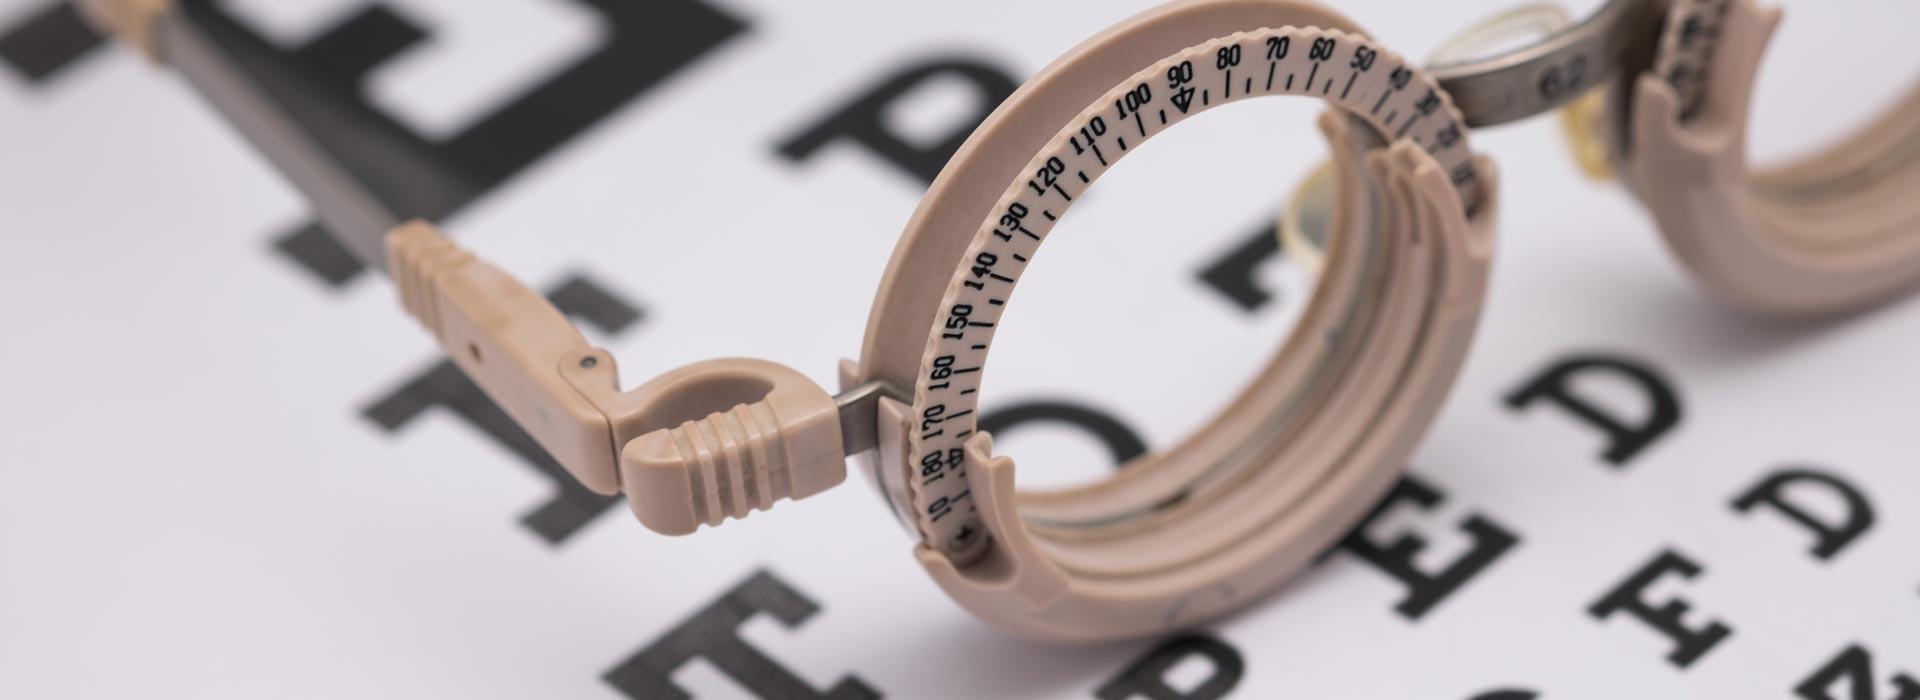 Okulary korekcyjne leżące na tablicy okulistycznej